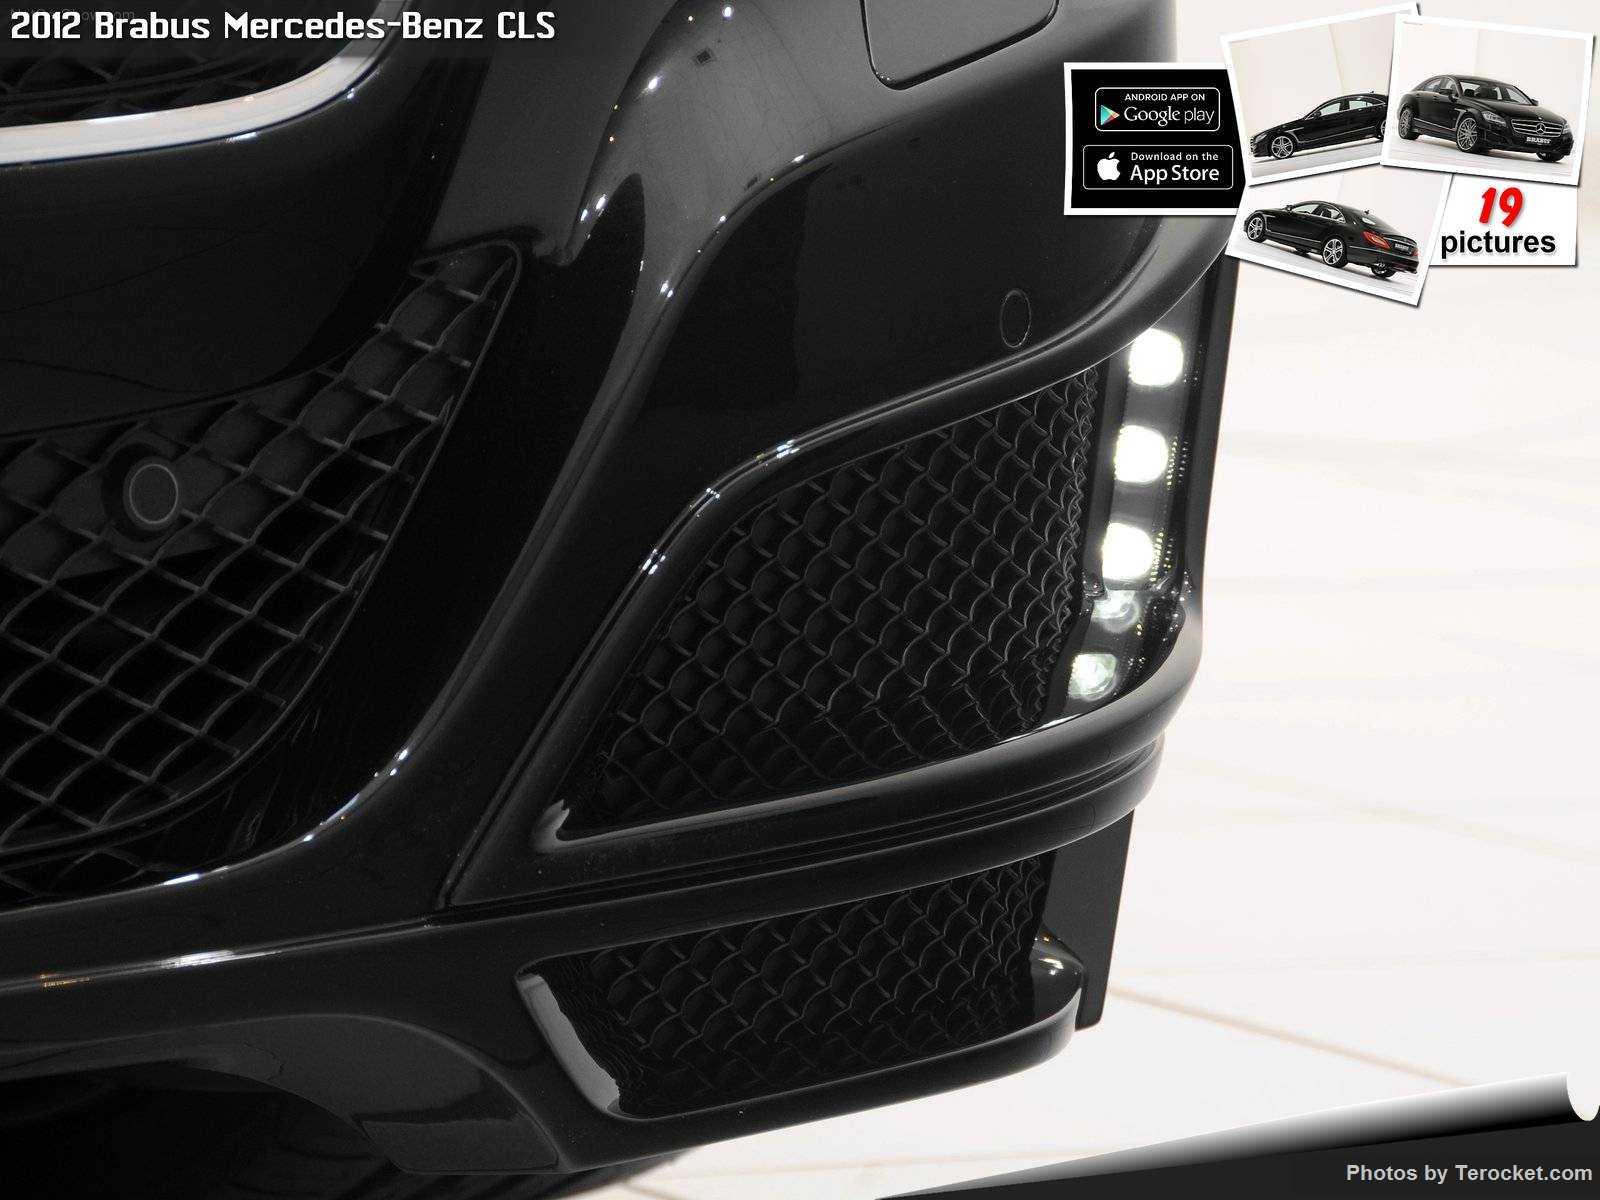 Hình ảnh xe ô tô Brabus Mercedes-Benz CLS 2012 & nội ngoại thất